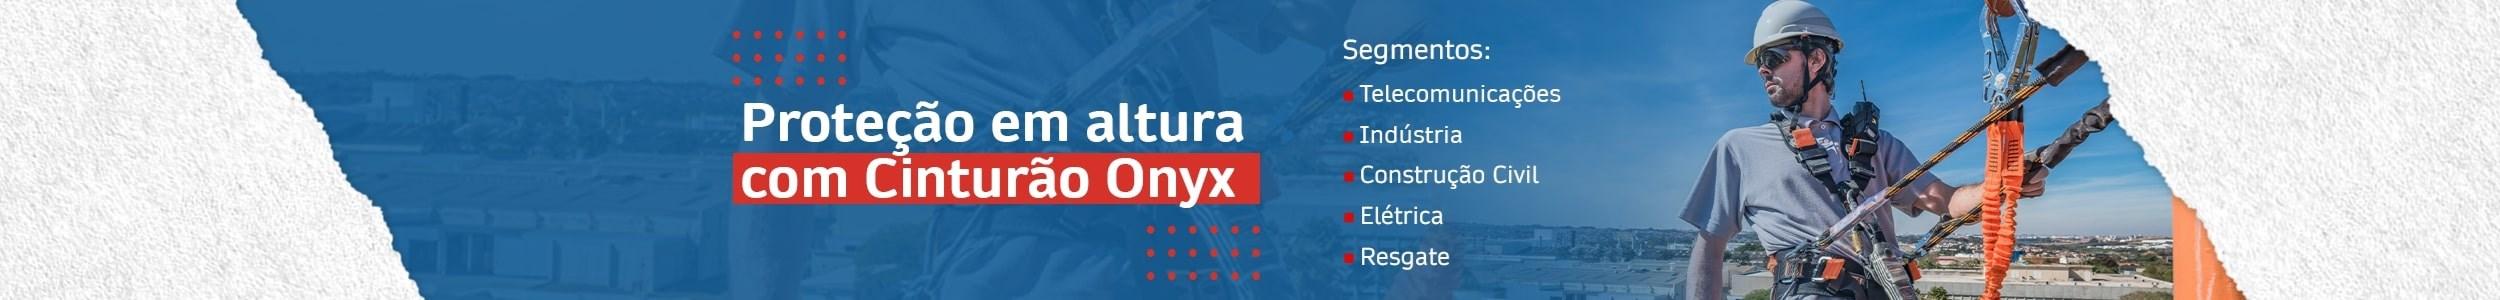 Cinturão Onyx